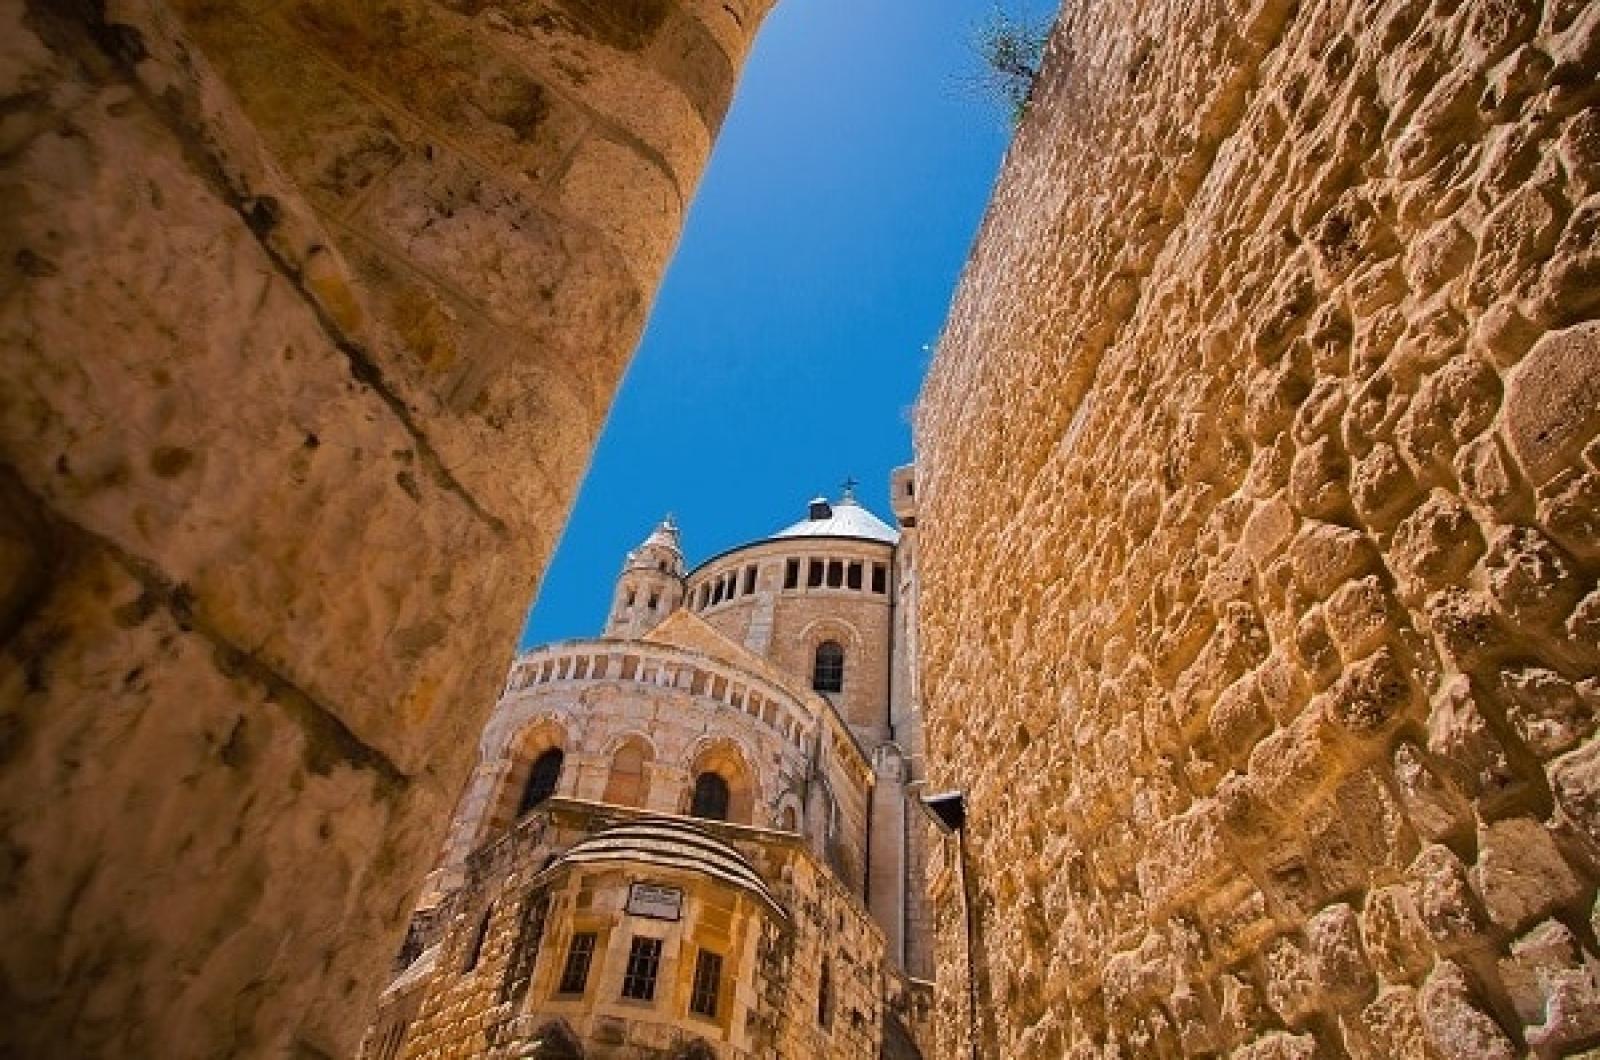 Вид на аббатство Дормицион. Исторический взгляд на Иерусалим